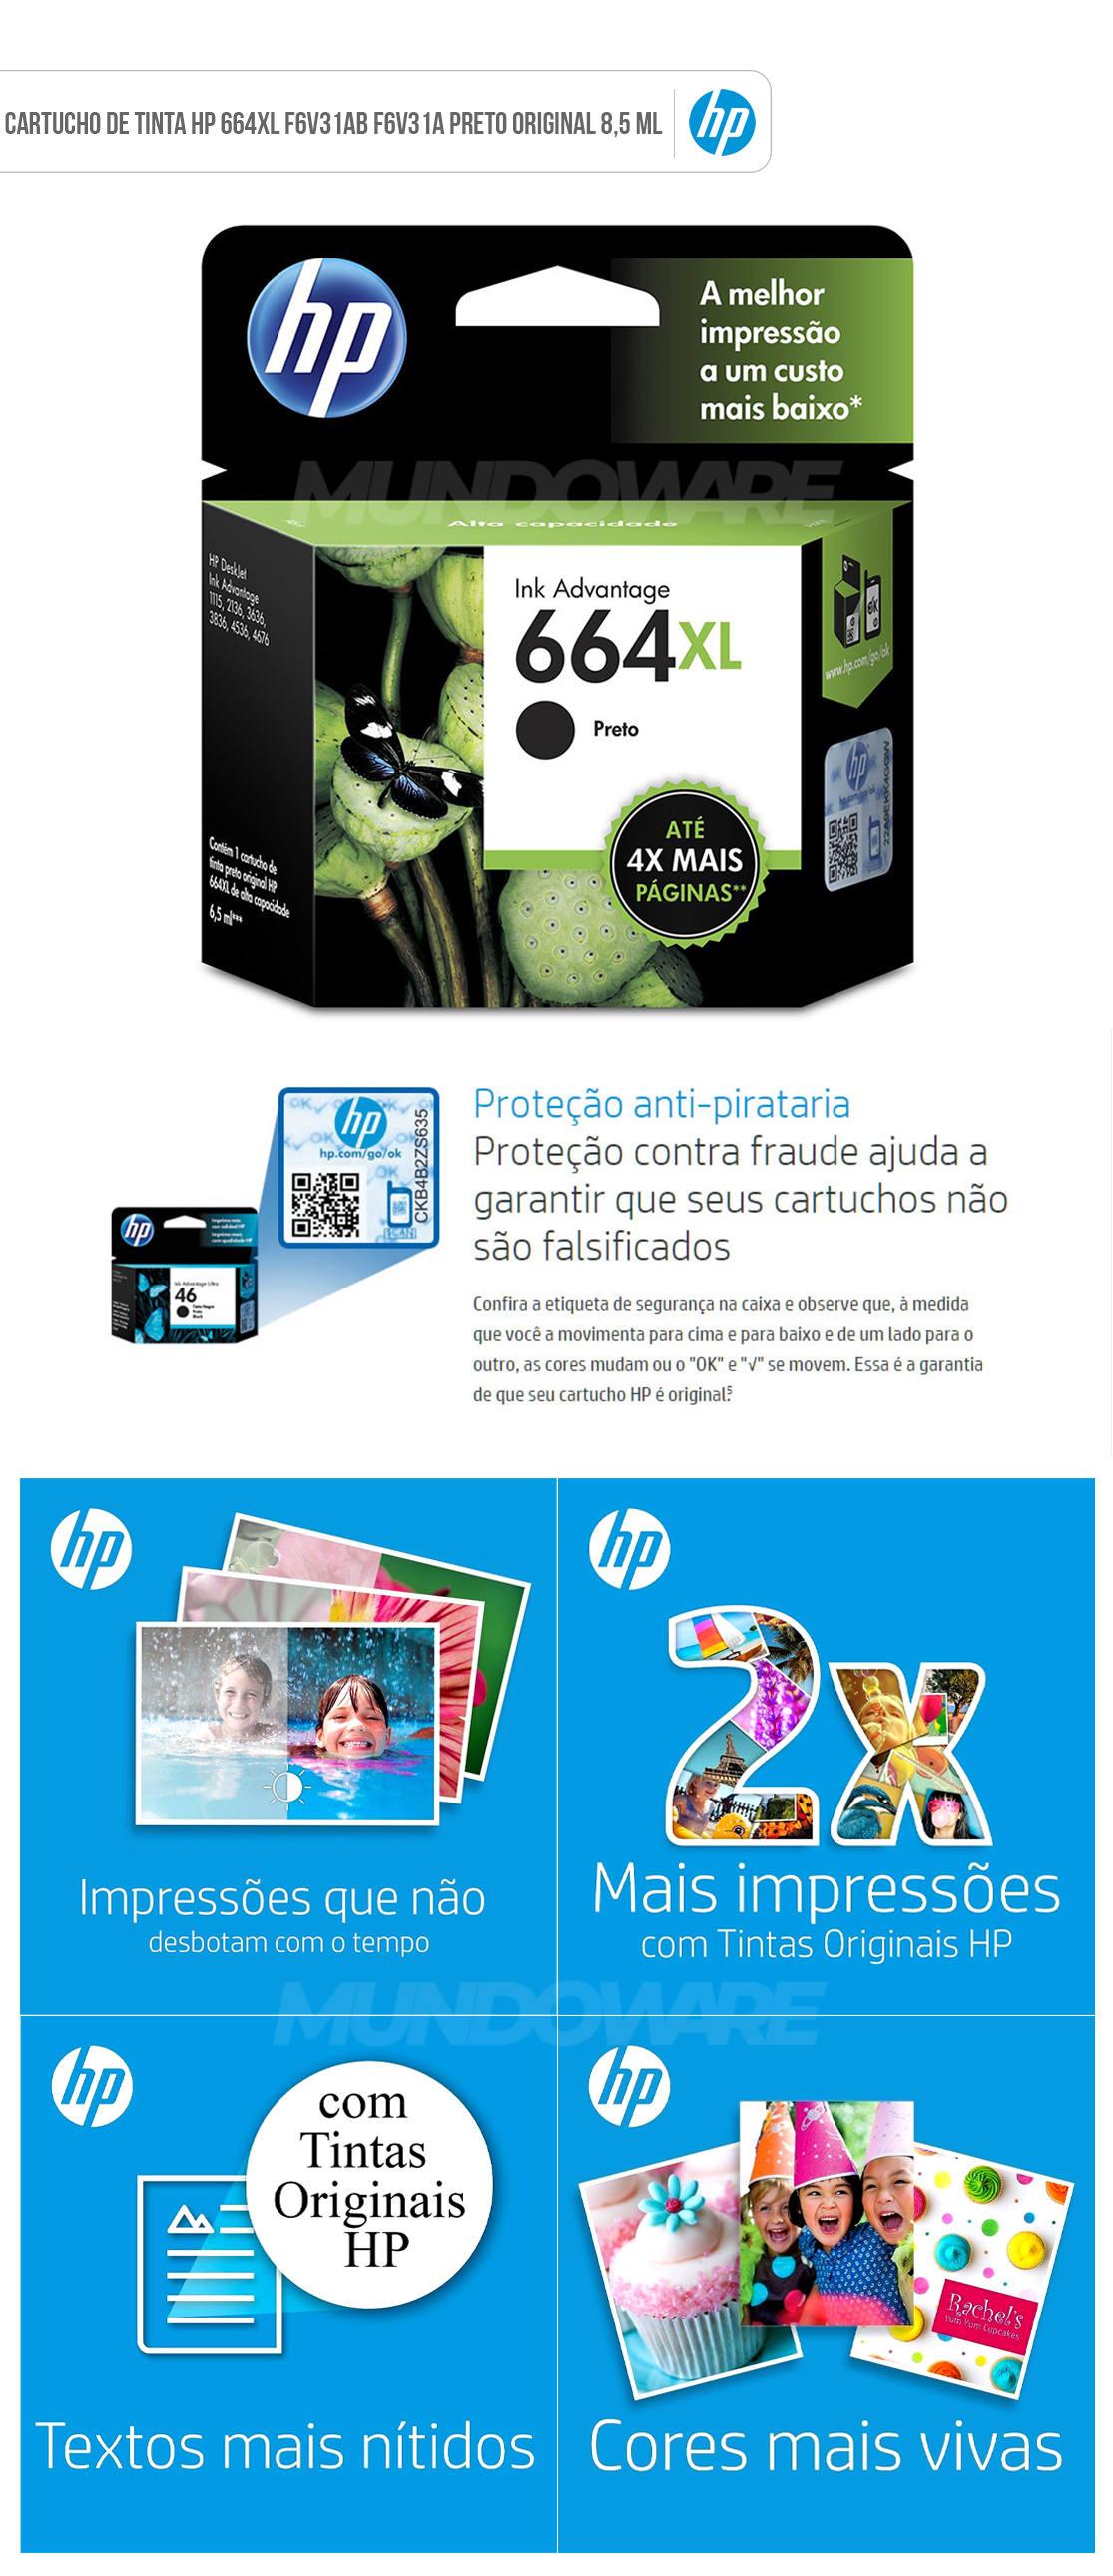 Cartucho de Tinta HP 664XL Preto F6V31AB F6V31A para HP Deskjet 1115 2136 3836 5076 Original 8,5 ML Alto Rendimento